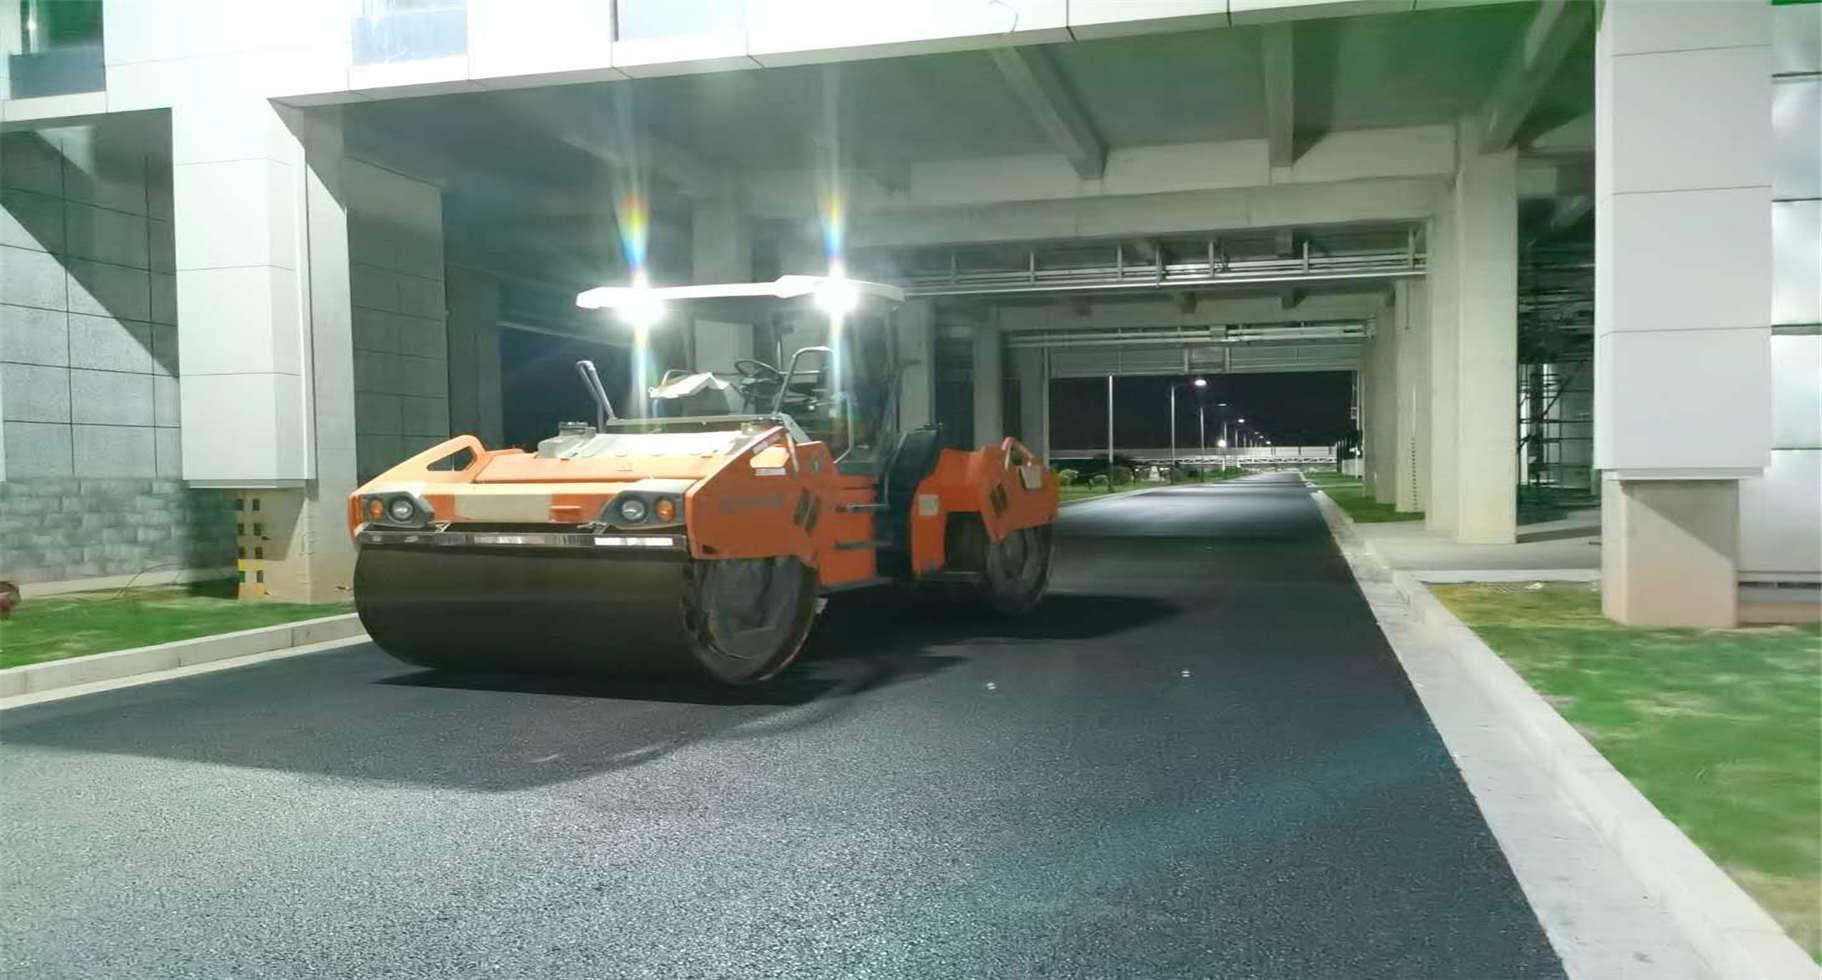 揭阳沥青道路工程详情【爆款】